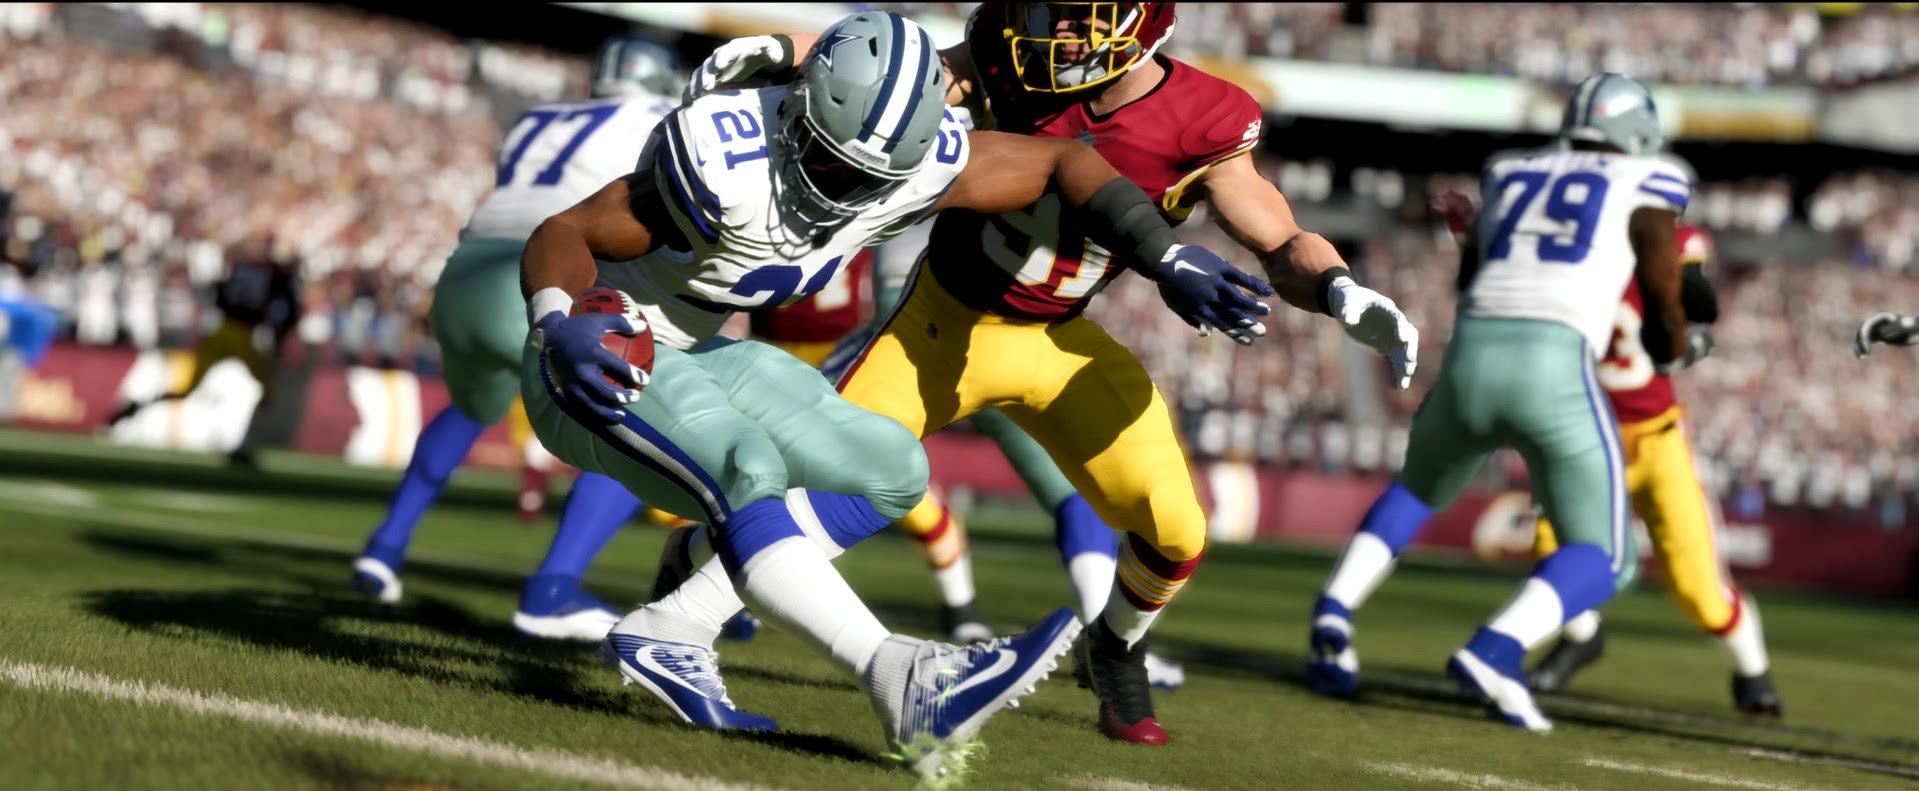 Køb Madden NFL 18  PS4 Digital Code  Playstation Network